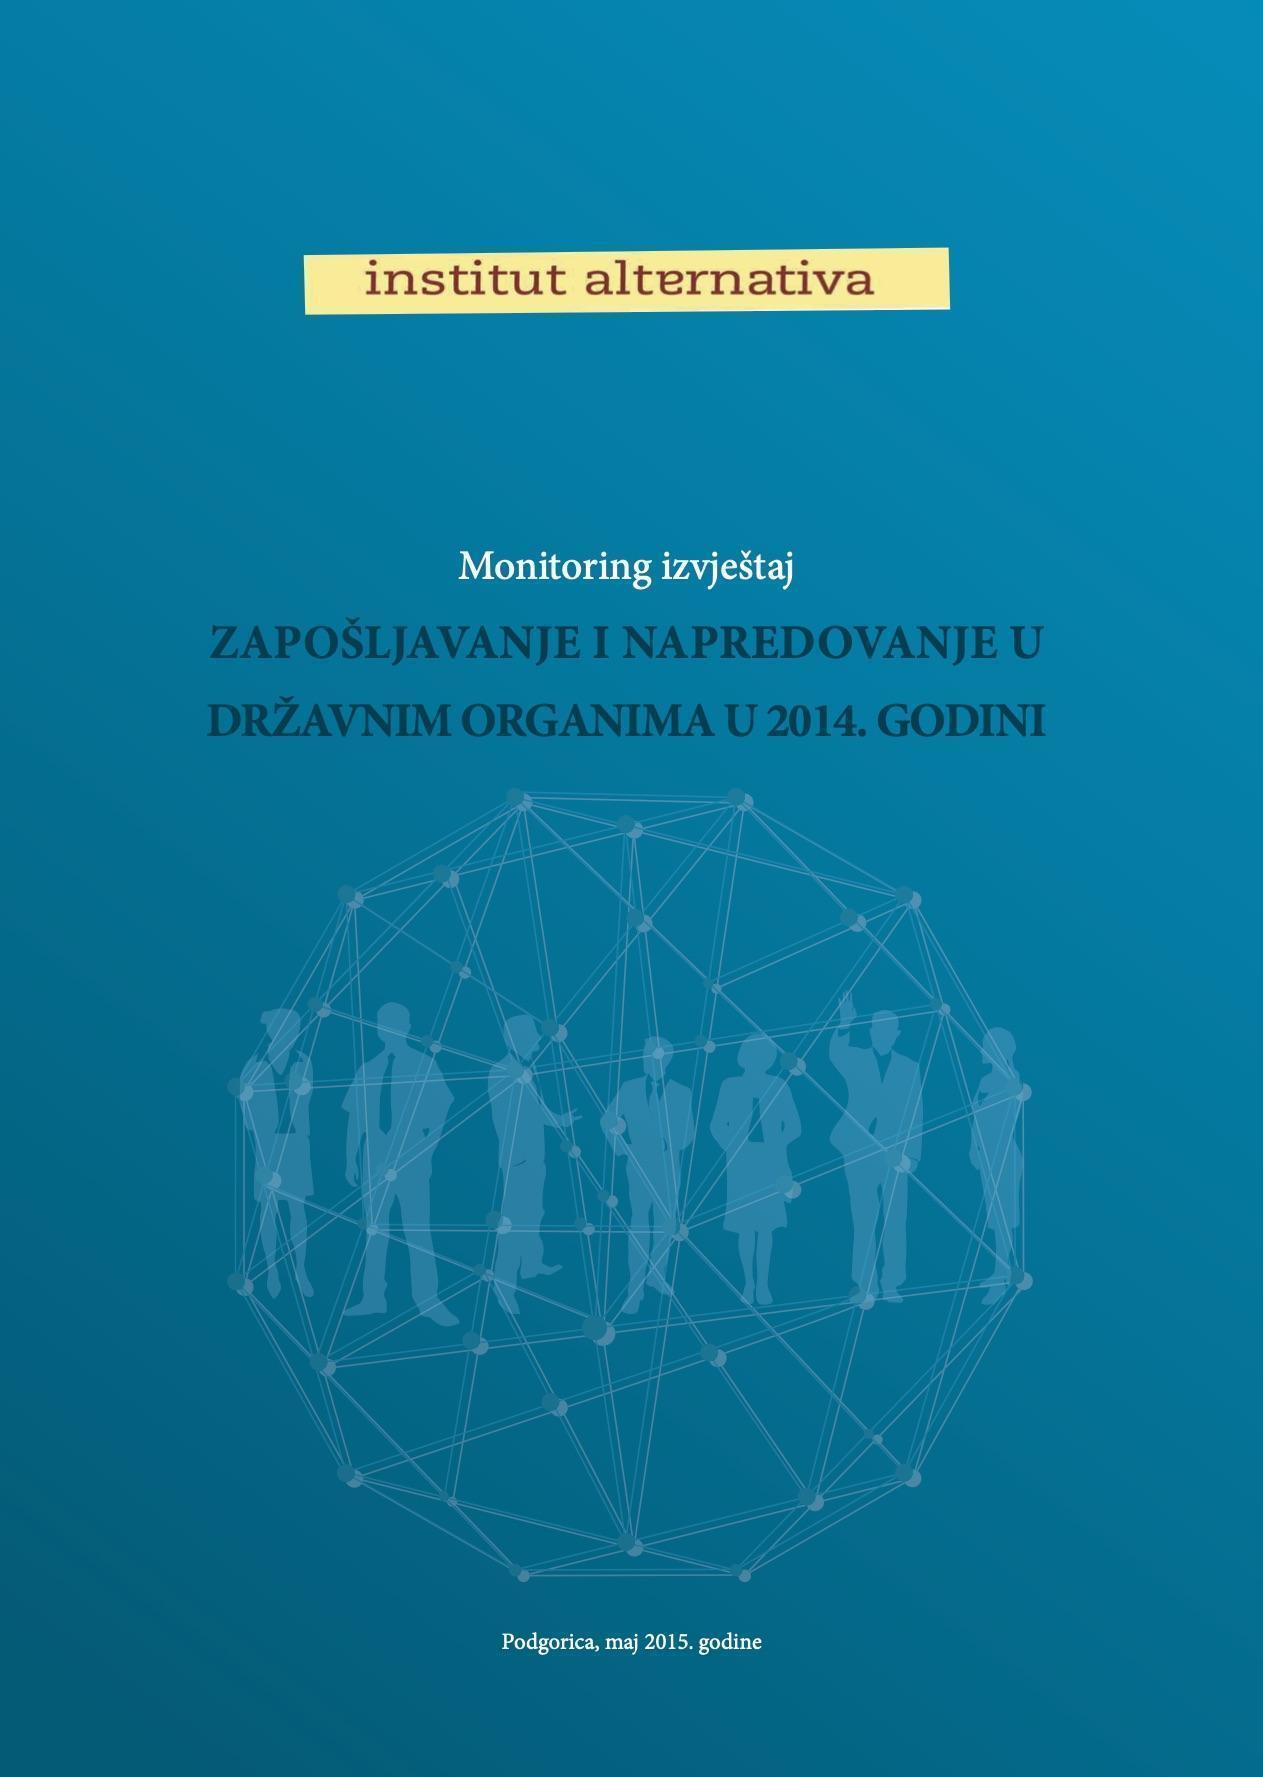 Monitoring izvještaj: Zapošljavanje i napredovanje u državnim organima u 2014. godini